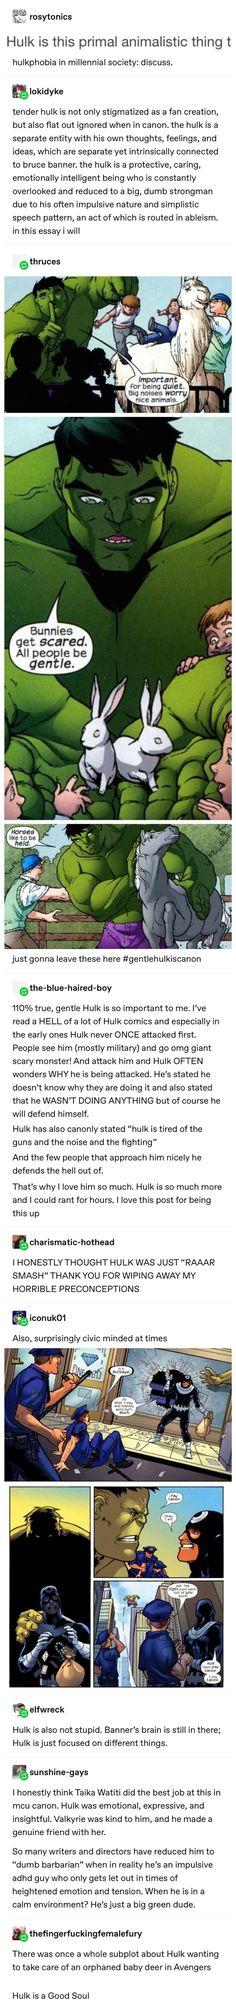 avengers end game Marvel Avengers, Marvel Comics, Marvel Funny, Marvel Memes, Ms Marvel, Avengers Memes, Captain Marvel, Johnlock, Destiel